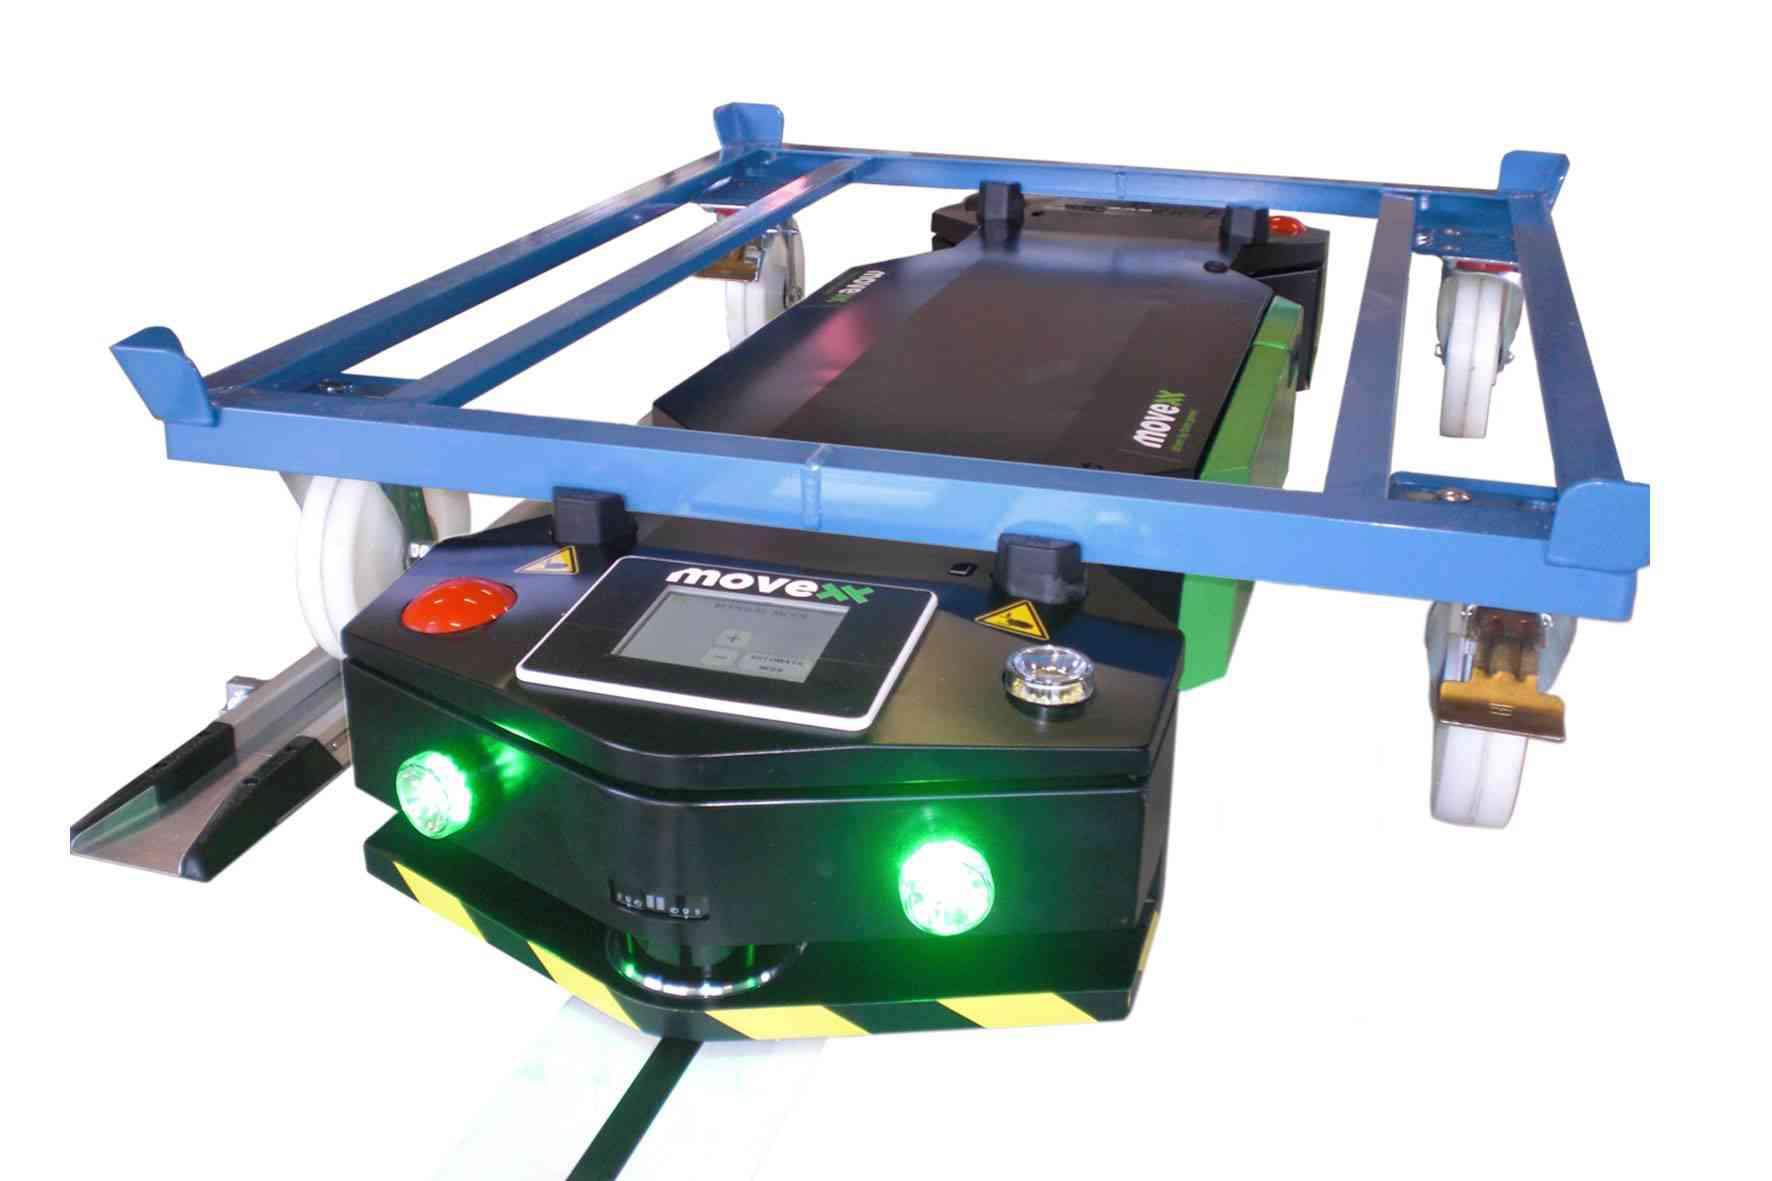 elektrický automaticky vedený tahač agv1000-underrider zaháknutý pod přepravním vozíkem, co má čtyři otočná kolečka